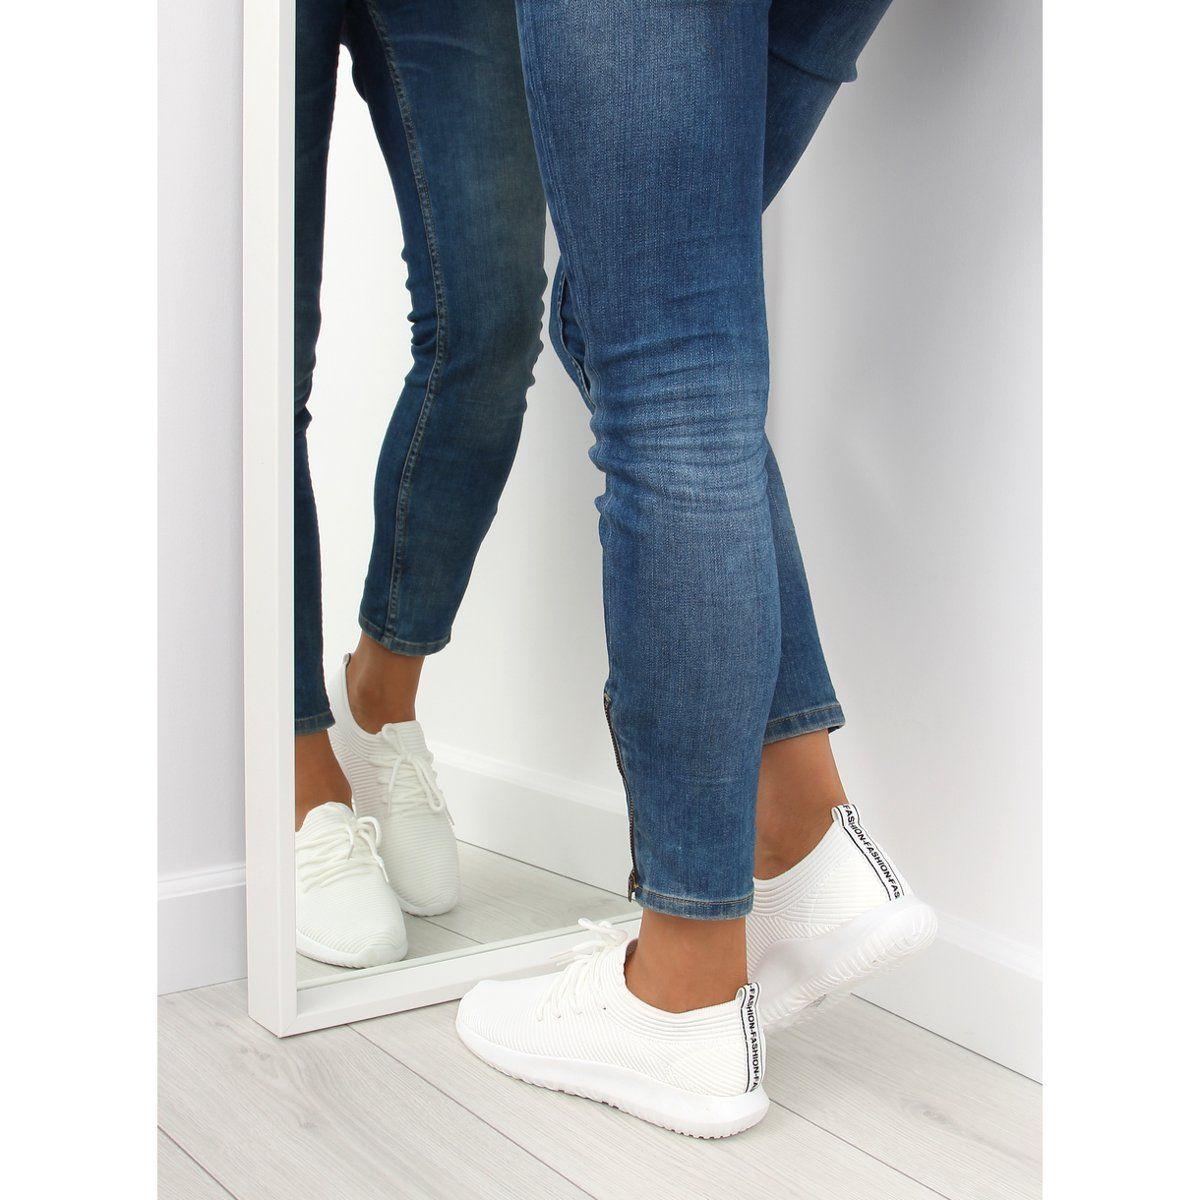 Sportowe Damskie Obuwiedamskie Buty Sportowe Biale Bk 91 White Obuwie Damskie Trainers Women Sneakers Skinny Jeans